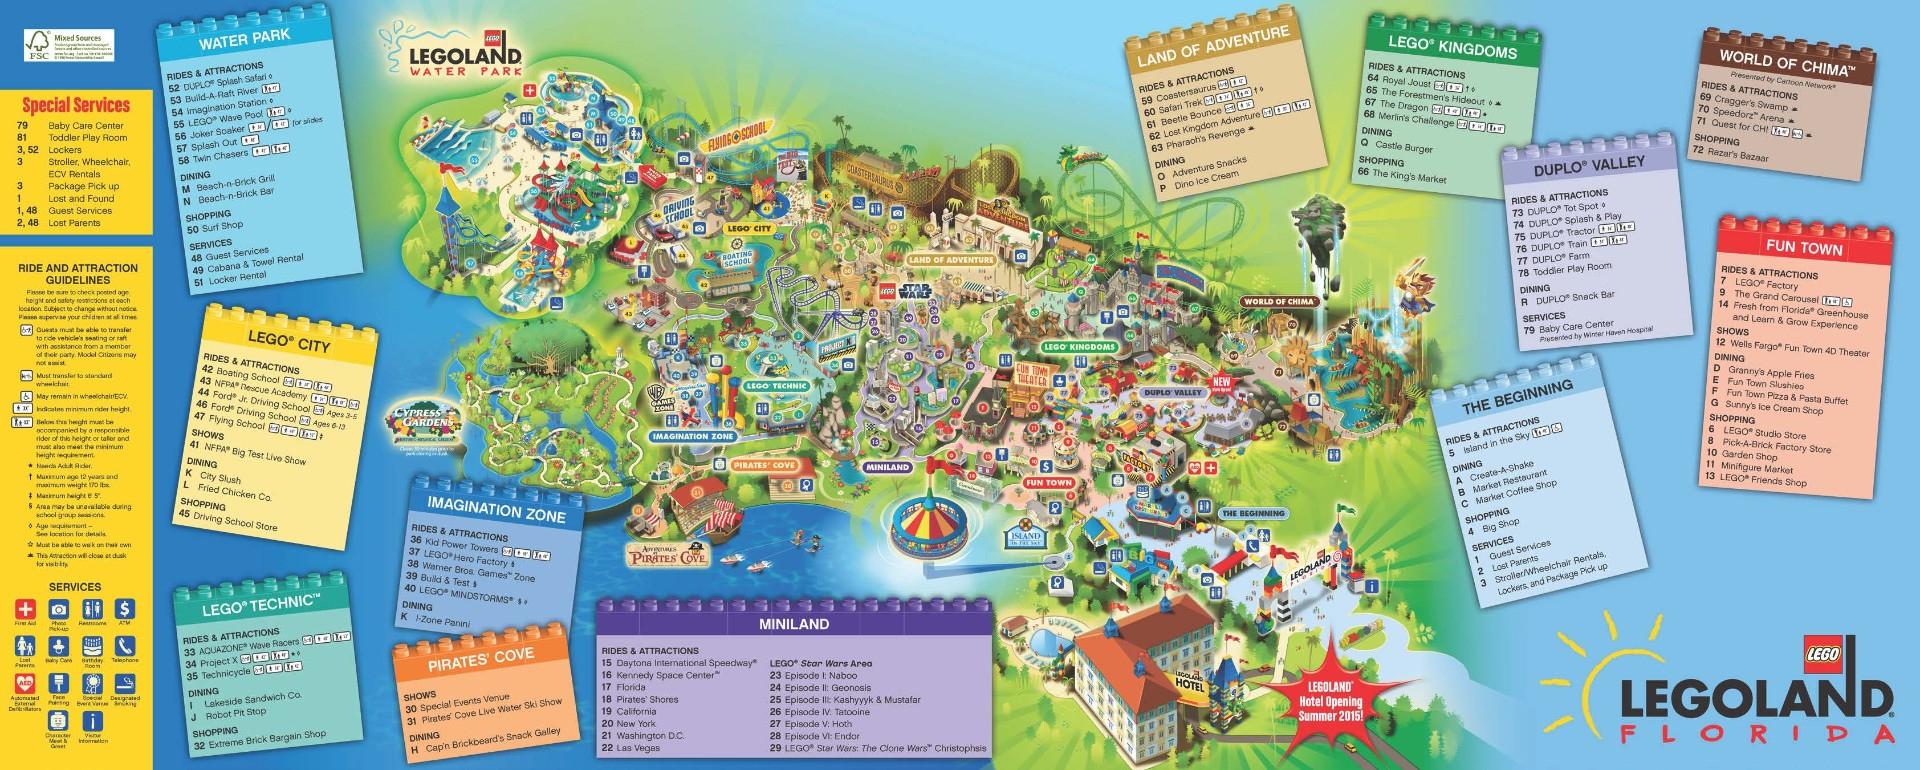 Map Of Legoland California - Klipy - Legoland Florida Map